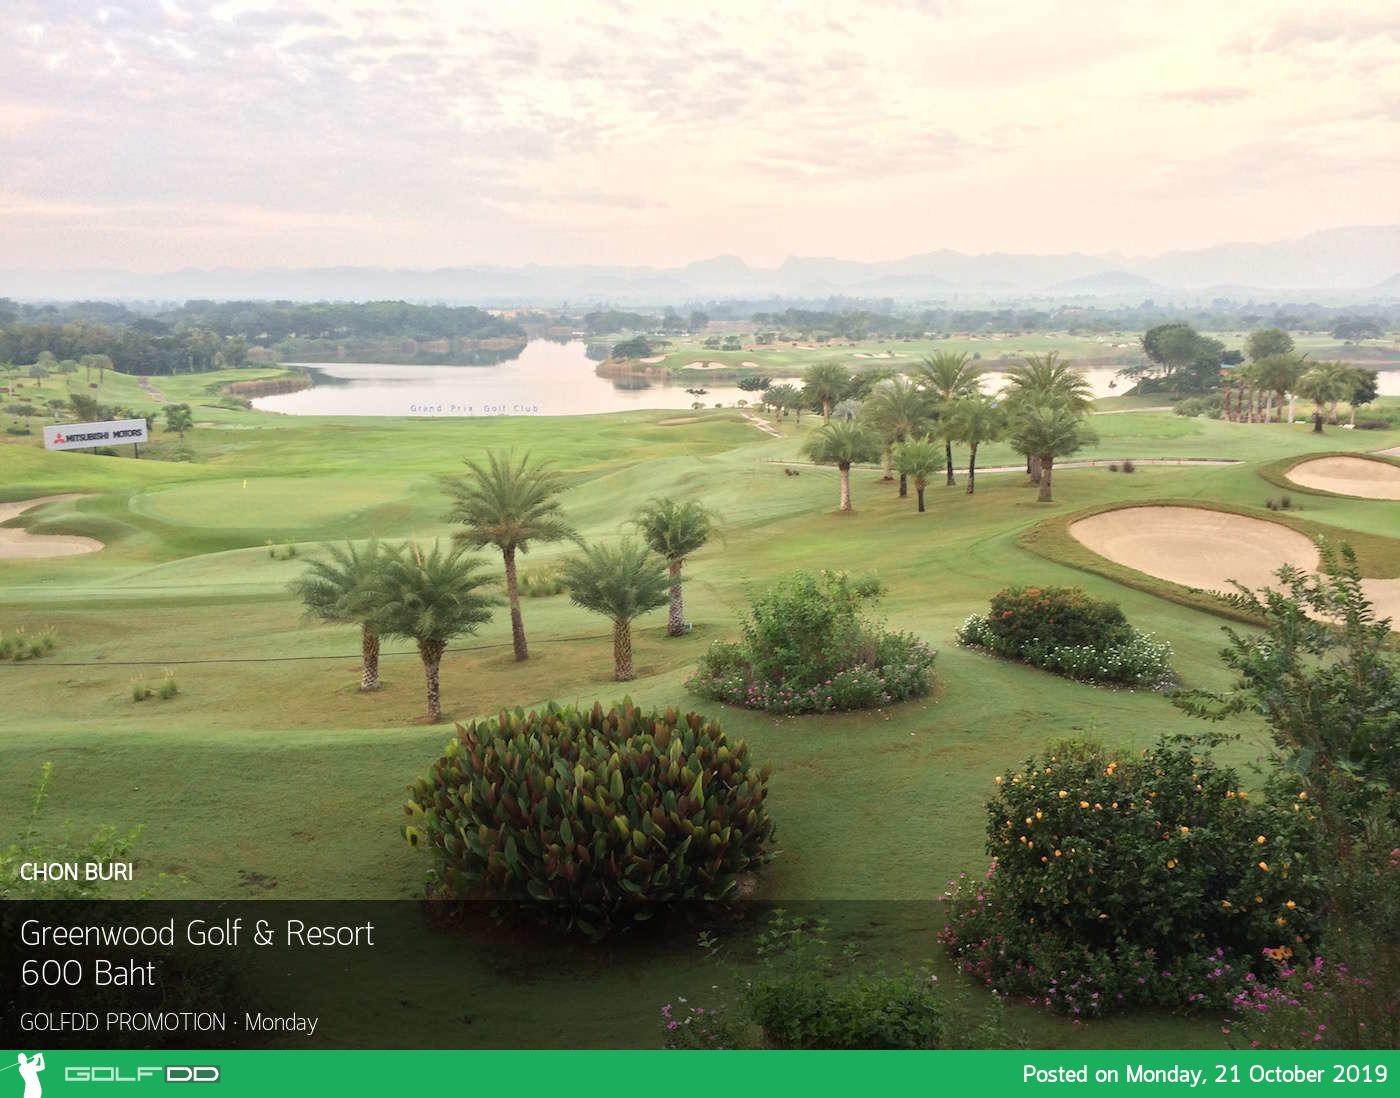 วันจันทร์ออกรอบราคาพิเศษกับสนามสวยสไตล์อังกฤษที่ Greenwood Golf Club ชลบุรี พร้อม Booking Teetime กับ golfdd จ่ายเงินที่สนามได้เลย